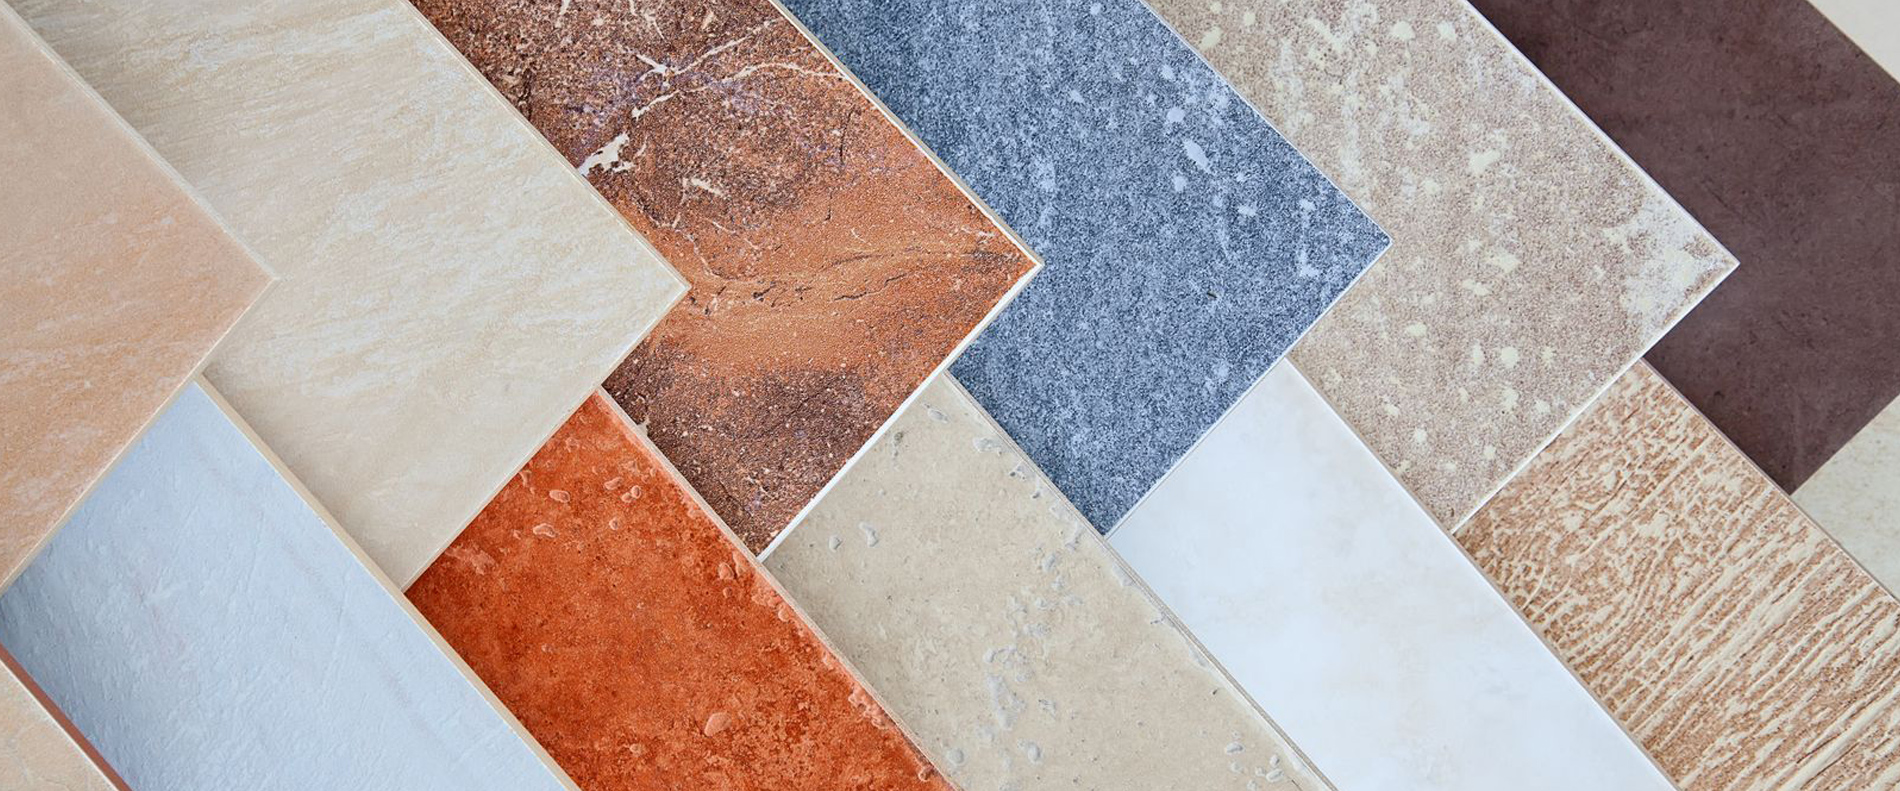 Materiales de construcci n de bilbao y bizkaia mosaicos - Material de construccion ...